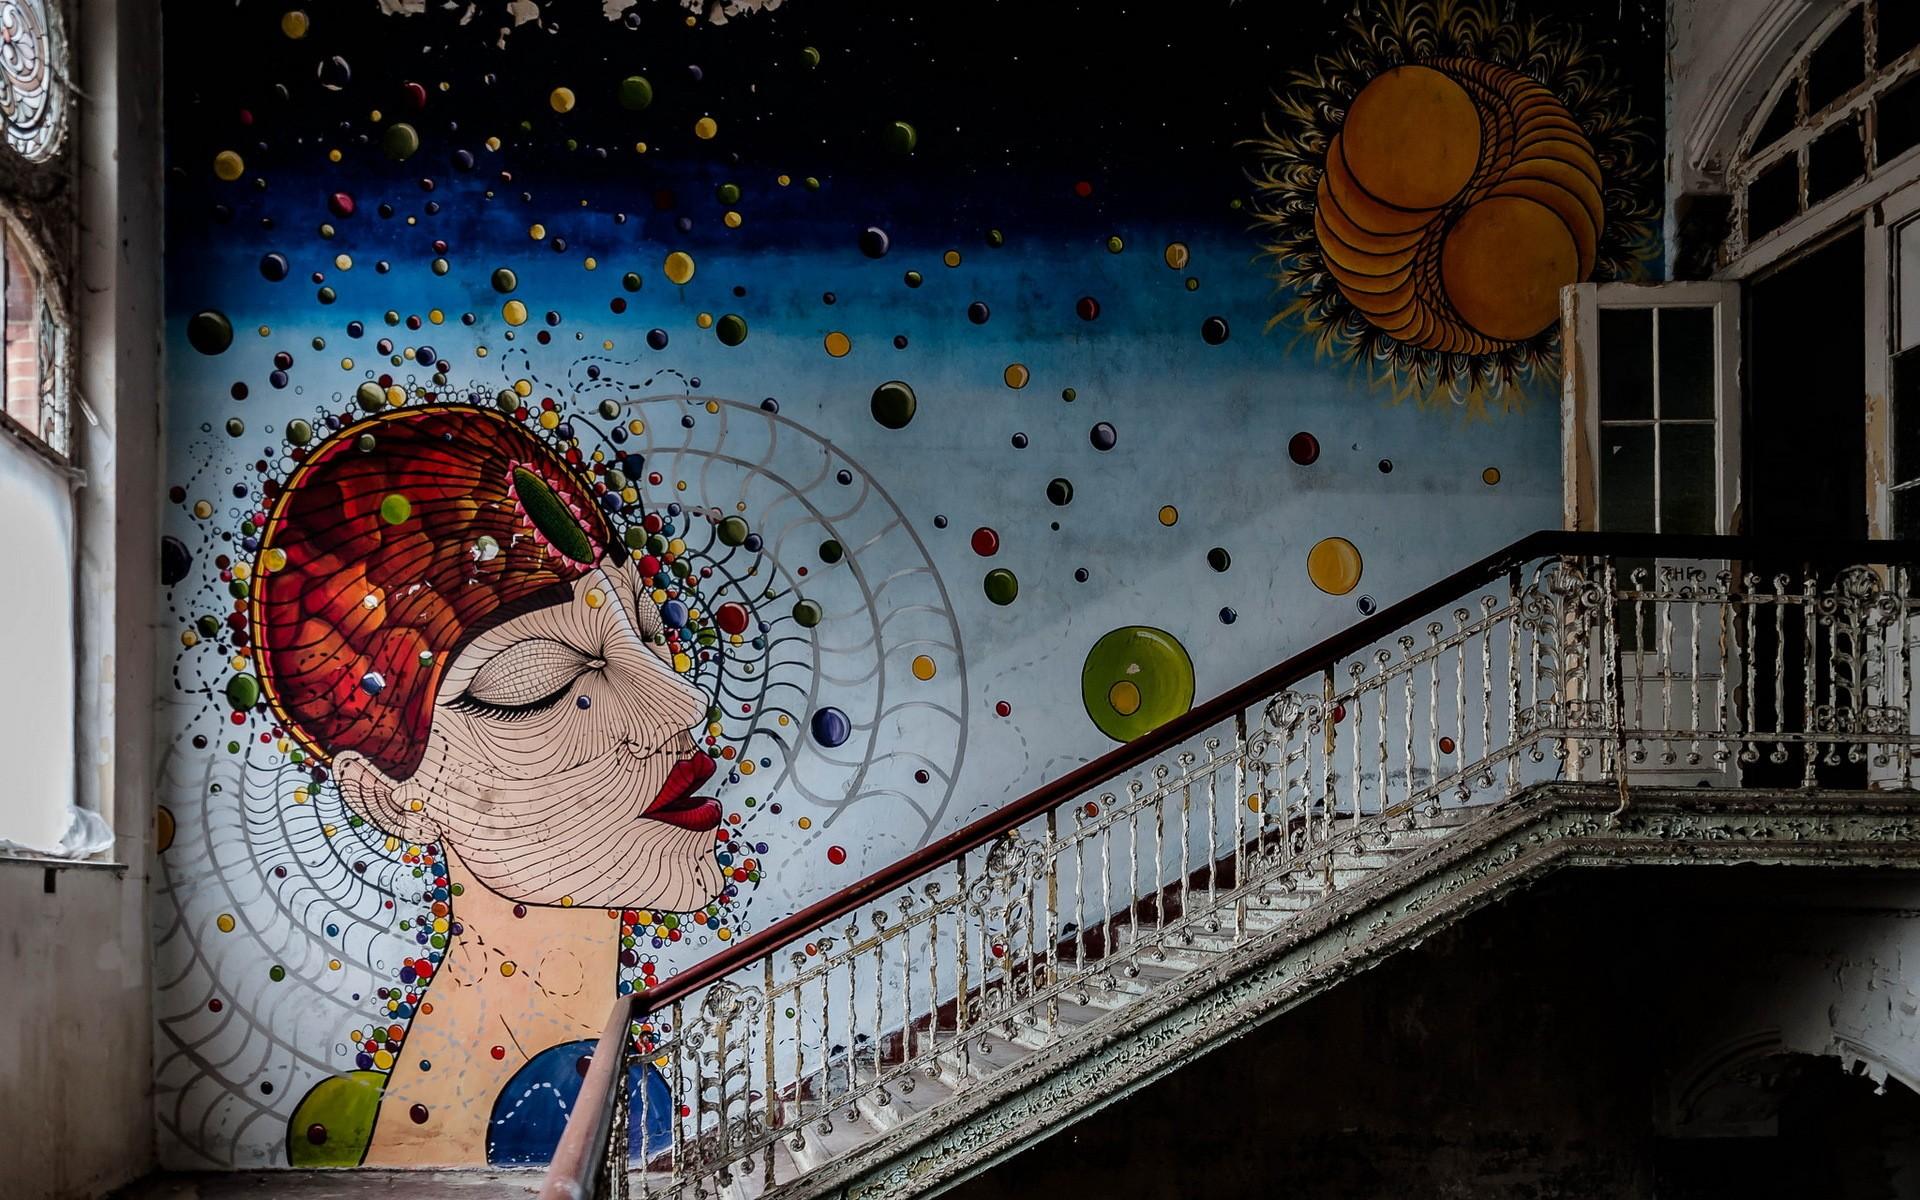 Papel De Parede Janela Quarto Parede Grafite Escadas Mural  ~ Papel De Parede Grafite Para Quarto